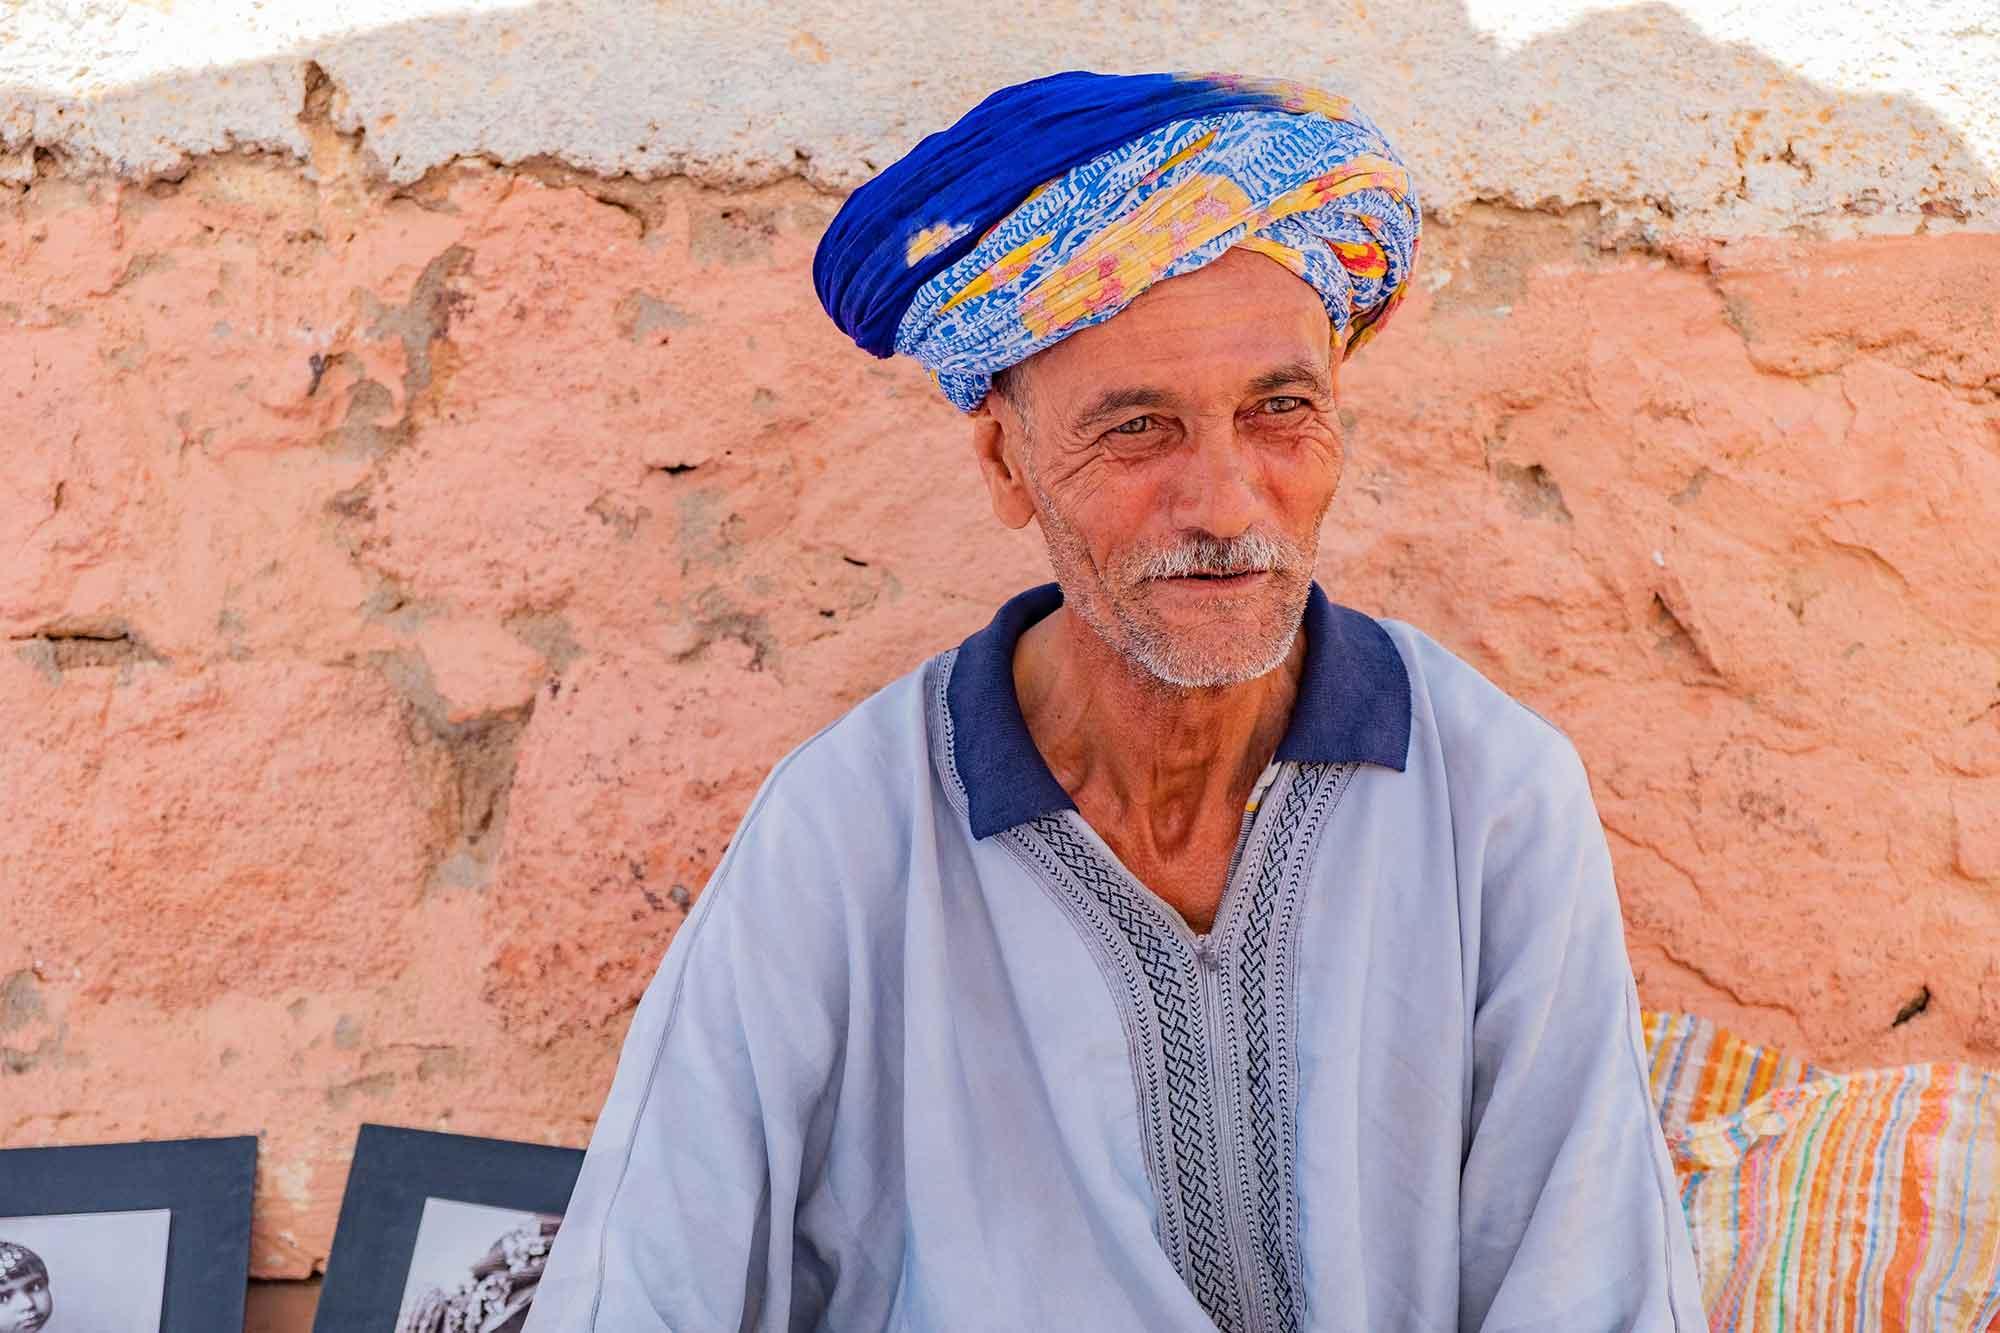 marocco-incontro-con-mercante-berbero-sguardo-intenso